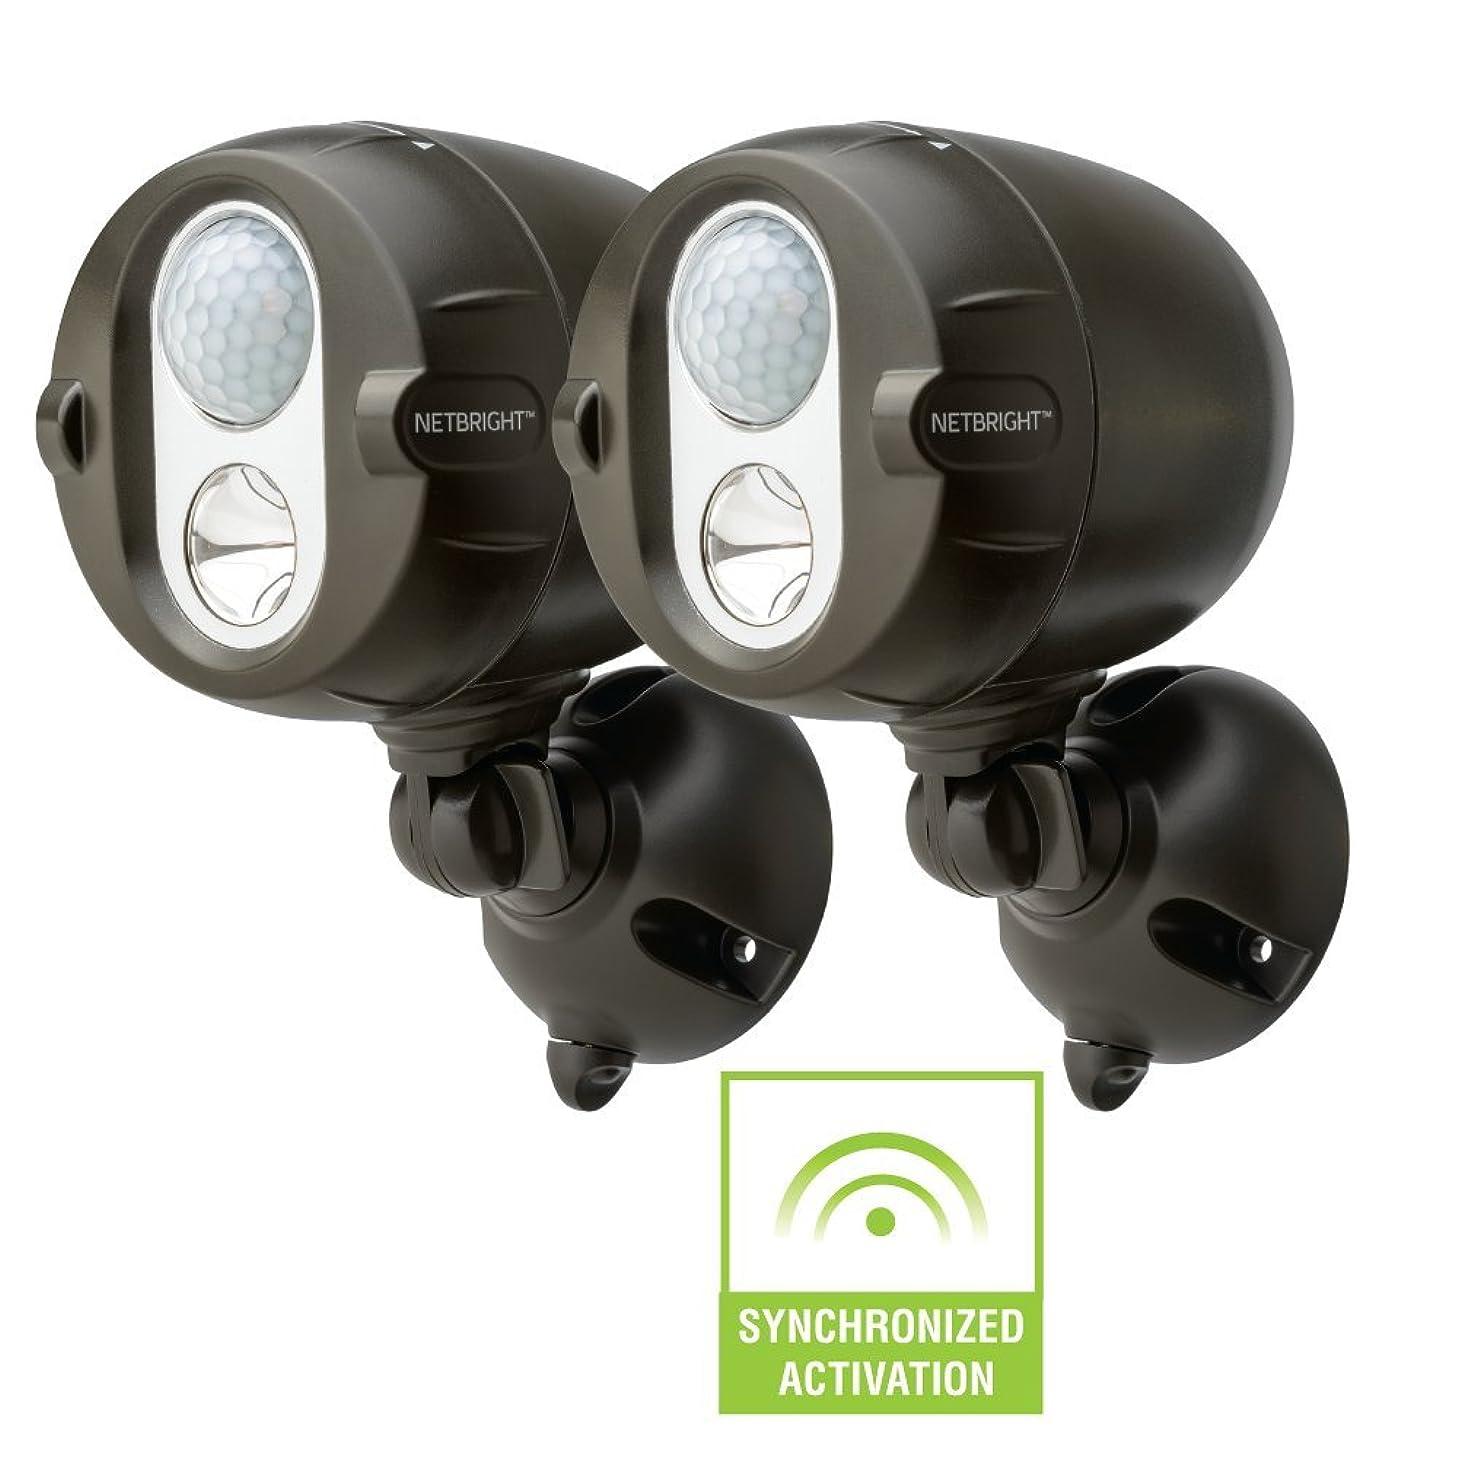 ゴネリルあいまいオレンジMR BEAMS(ミスタービームス) NETBRIGHT(ネットブライト) LED 人感センサー ライト 2個セット ブラウン 【無線連動タイプで最大50個まで連結可能/乾電池式】 MBN352